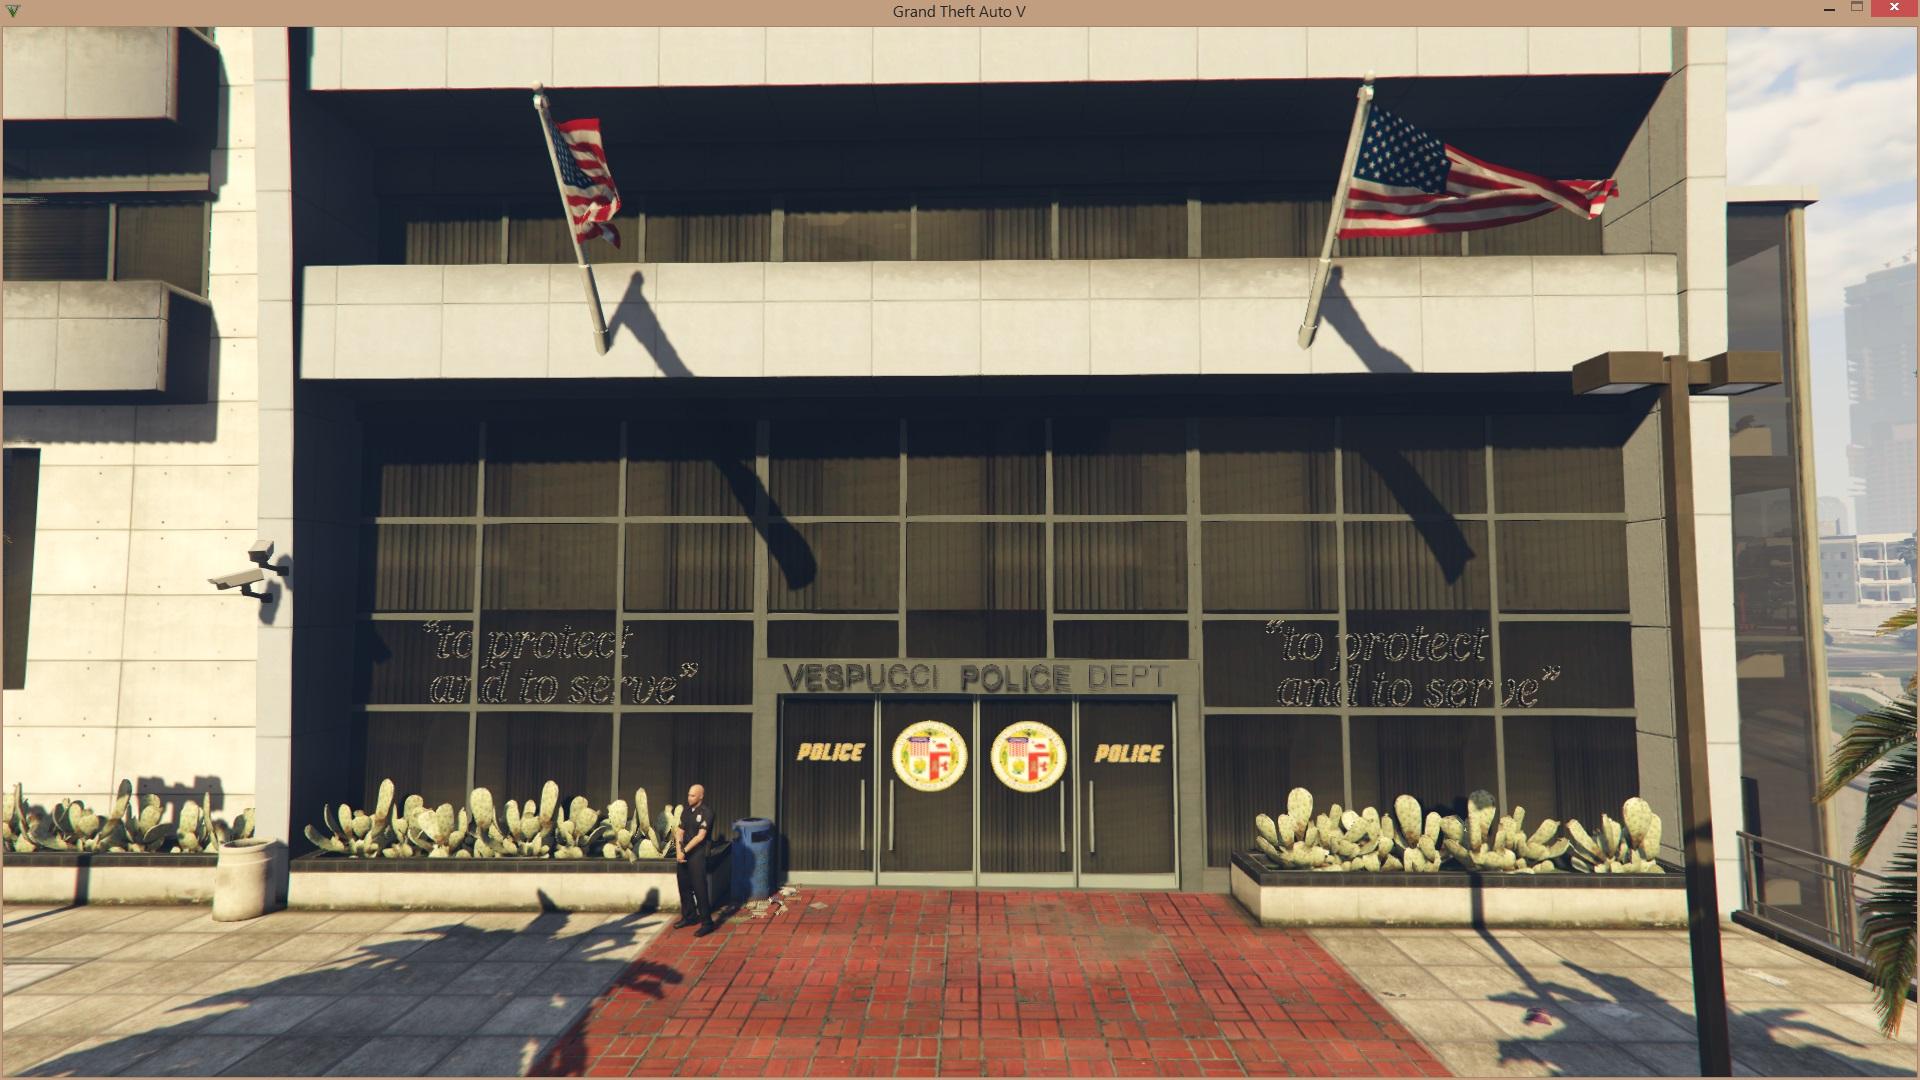 LAPD - Vespucci Police Station - Divers pour GTA V sur GTA Modding